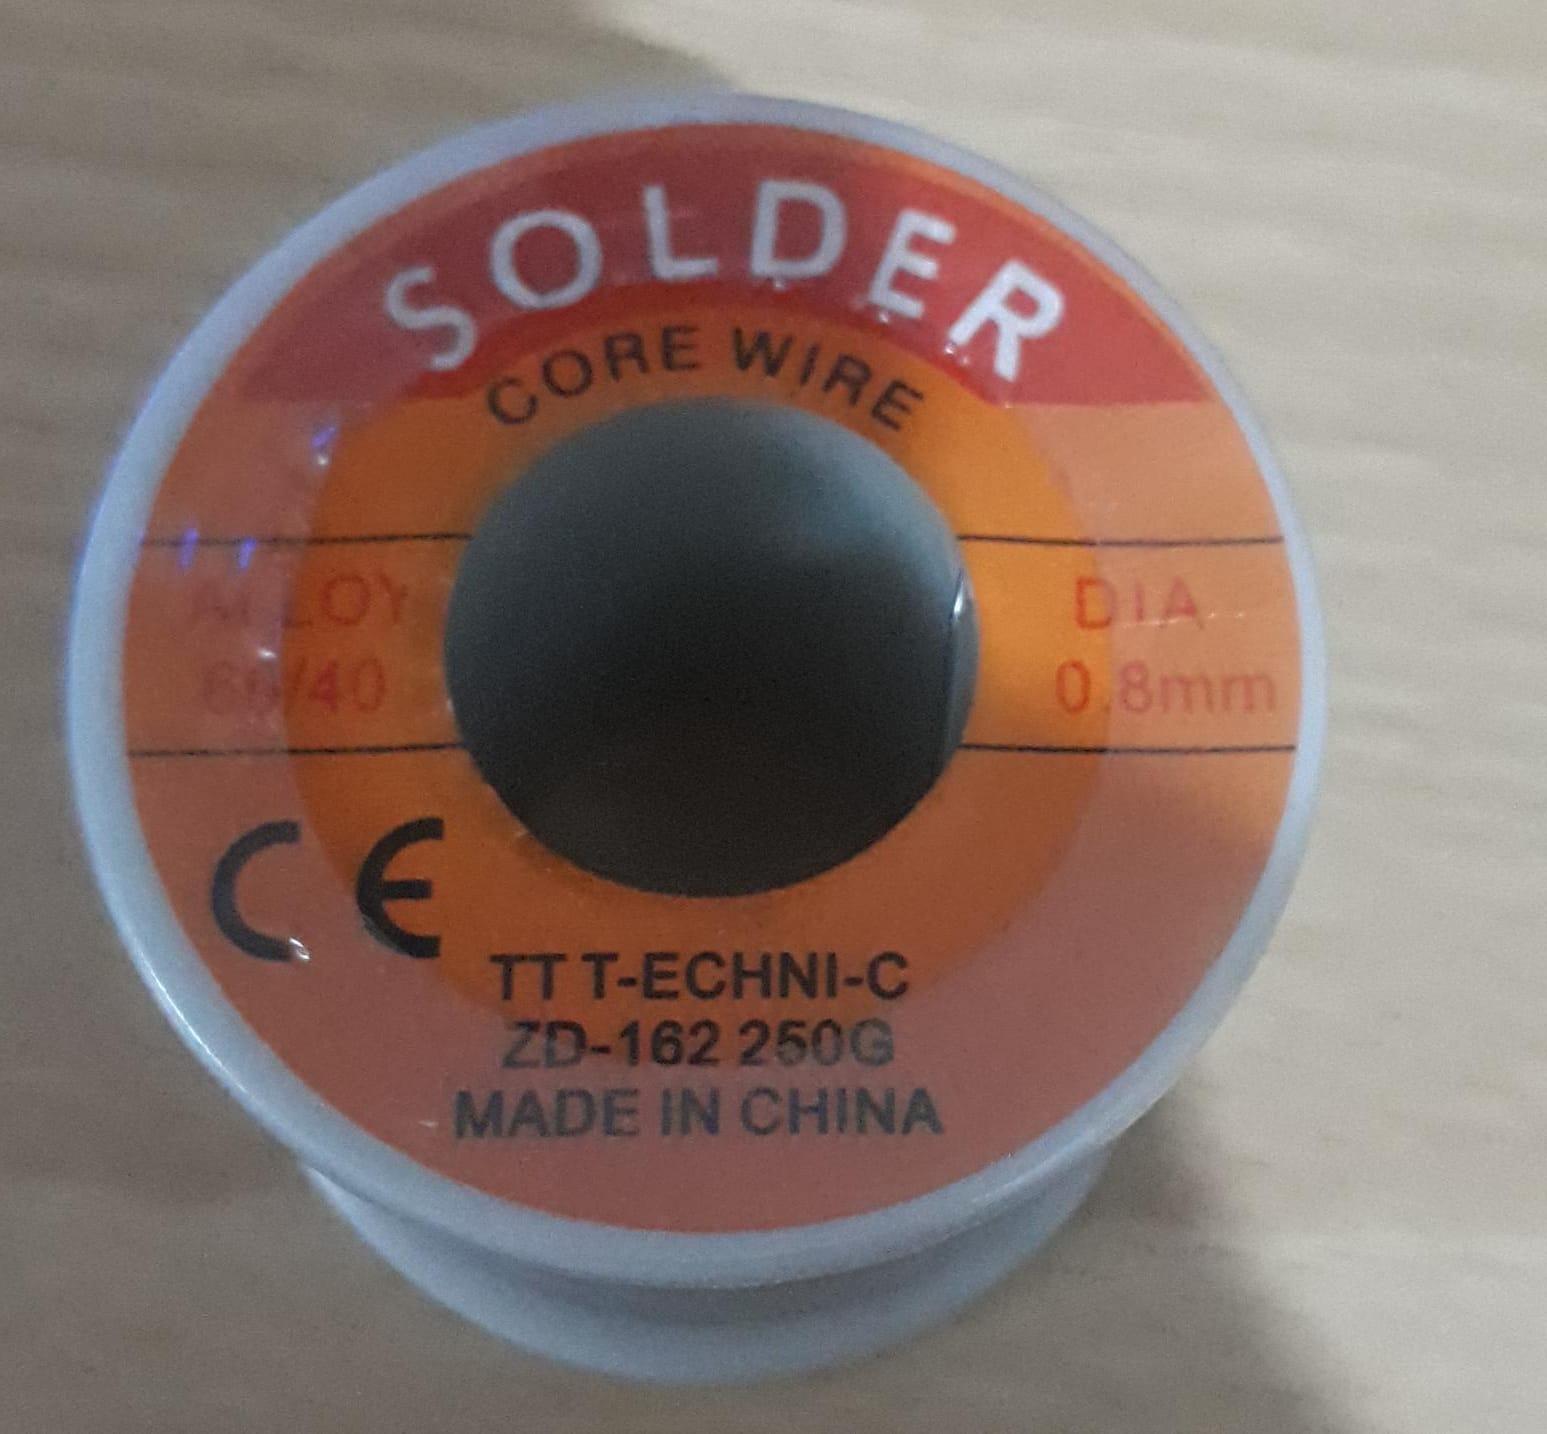 TT T-ECHNI-C ZD-162 250gr 60/40 0 8mm Solder Lehim